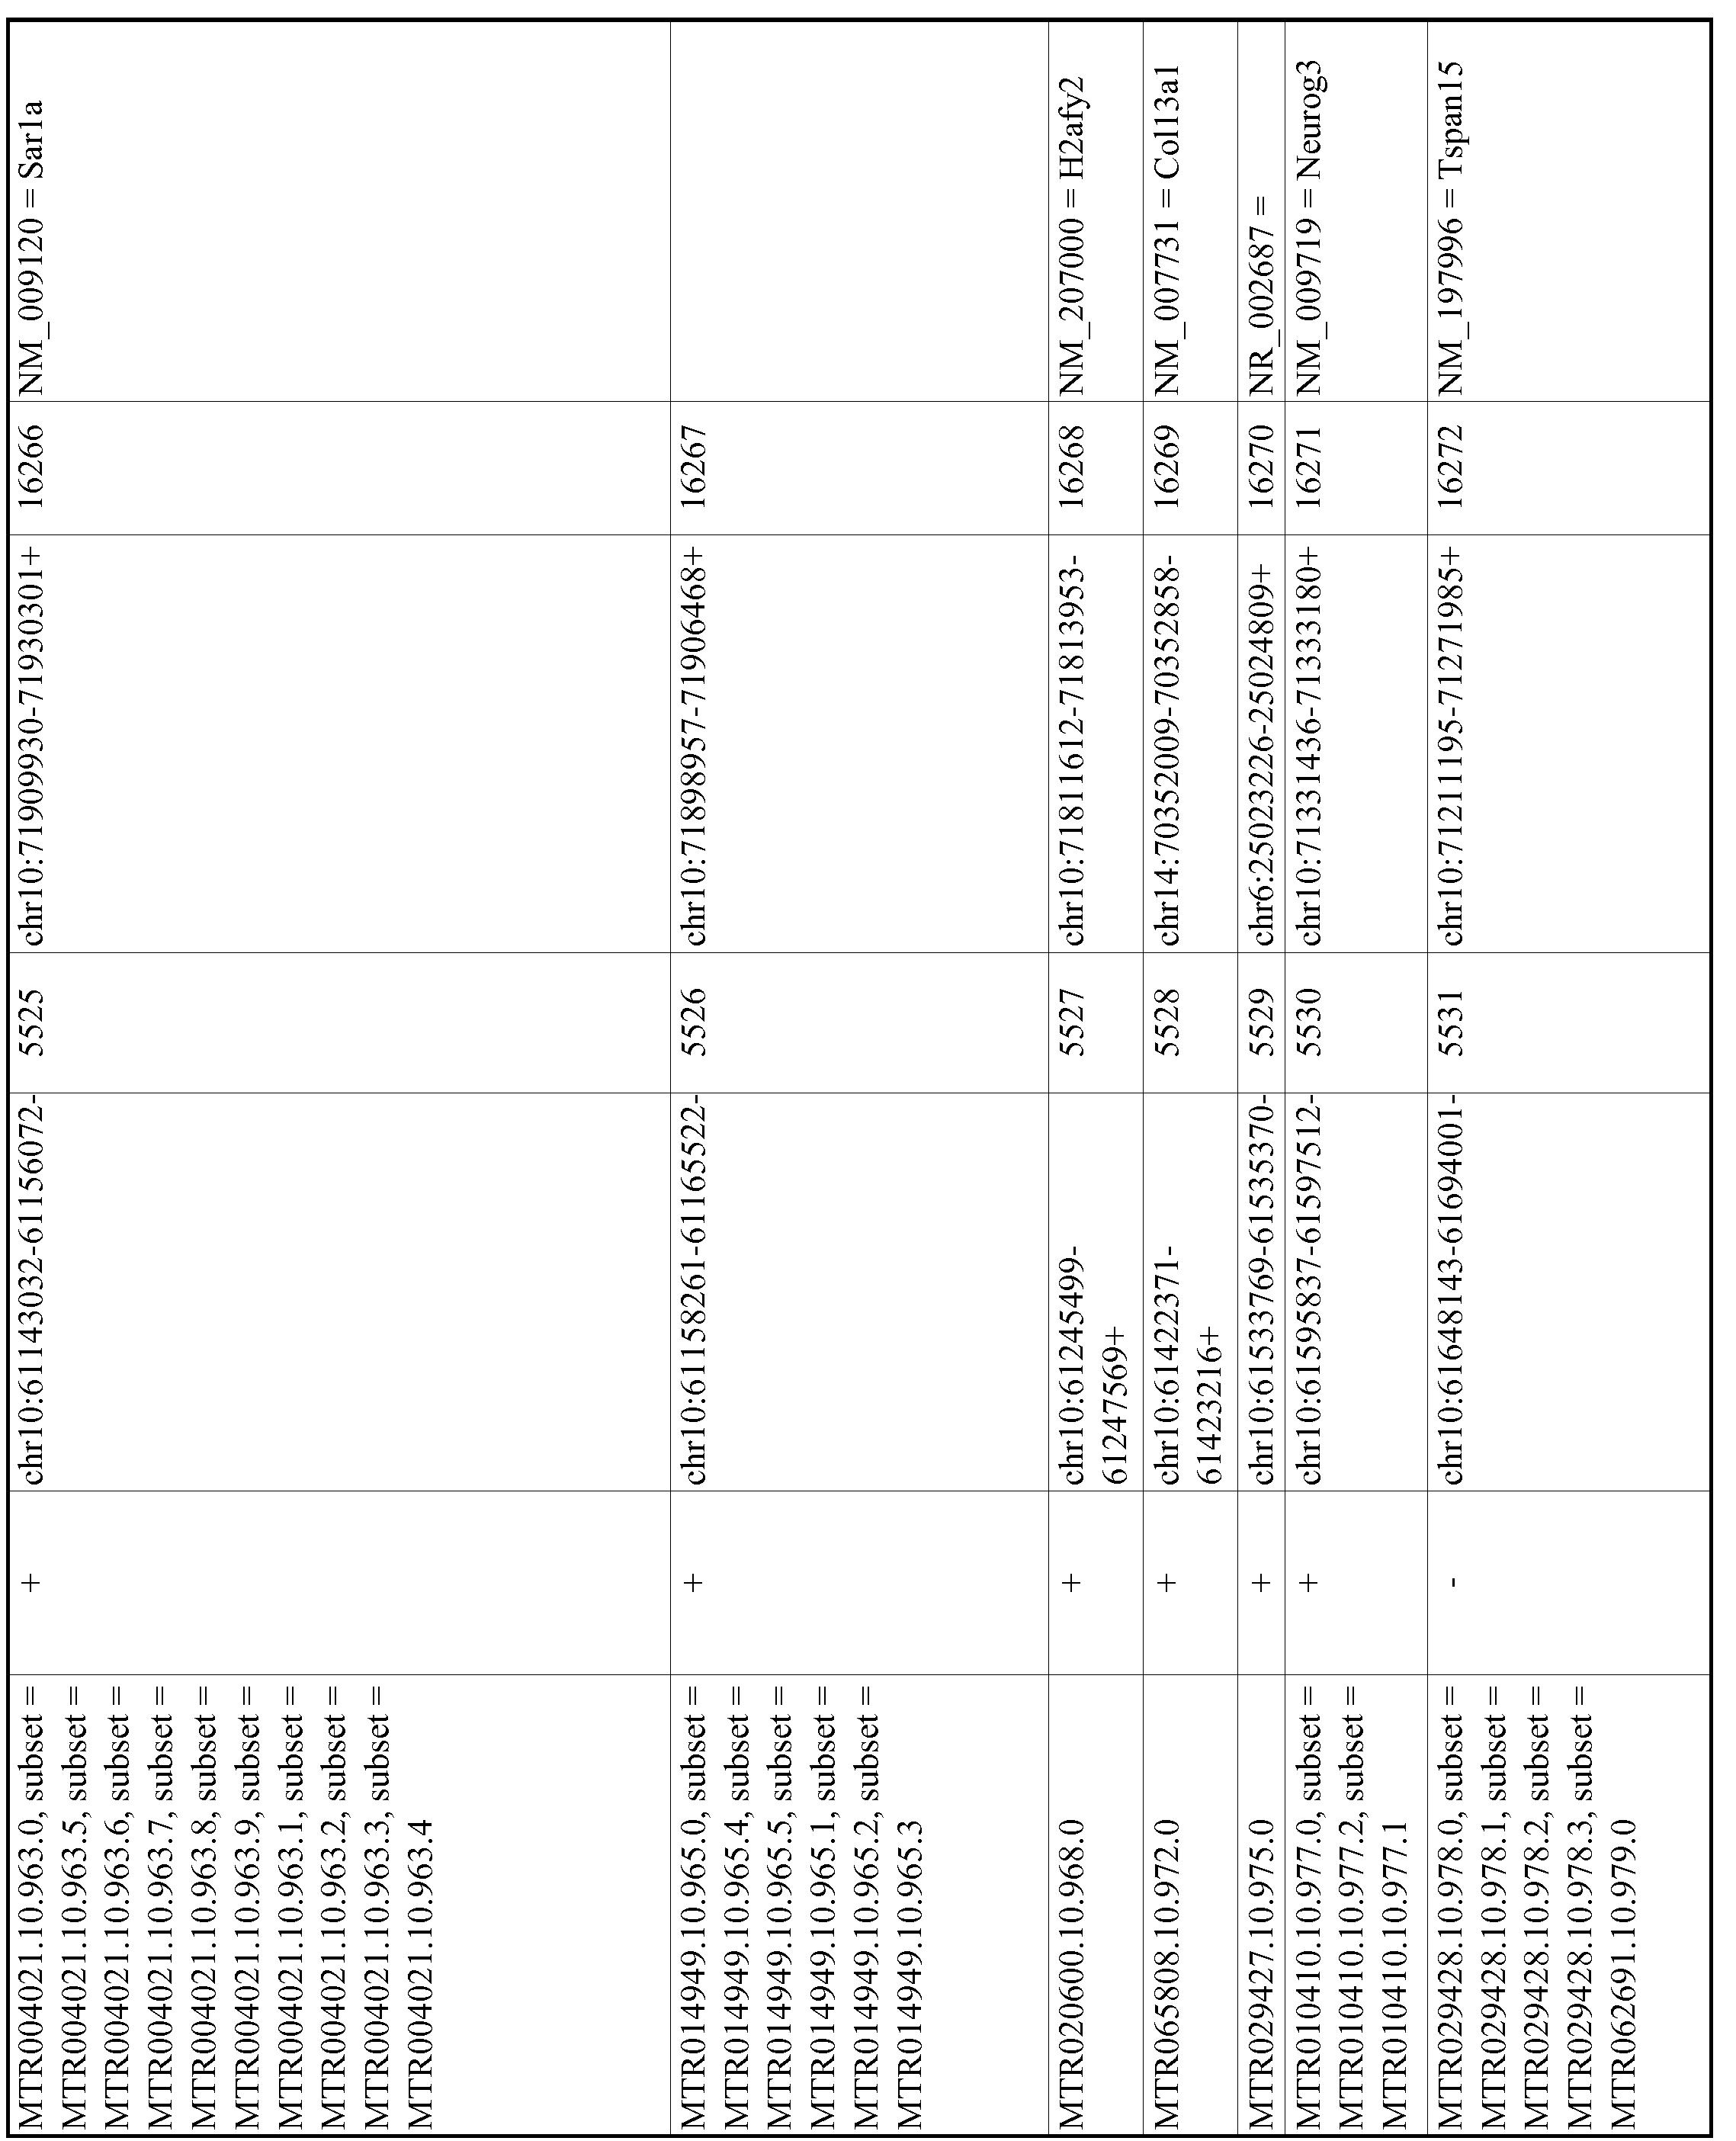 Figure imgf000993_0001